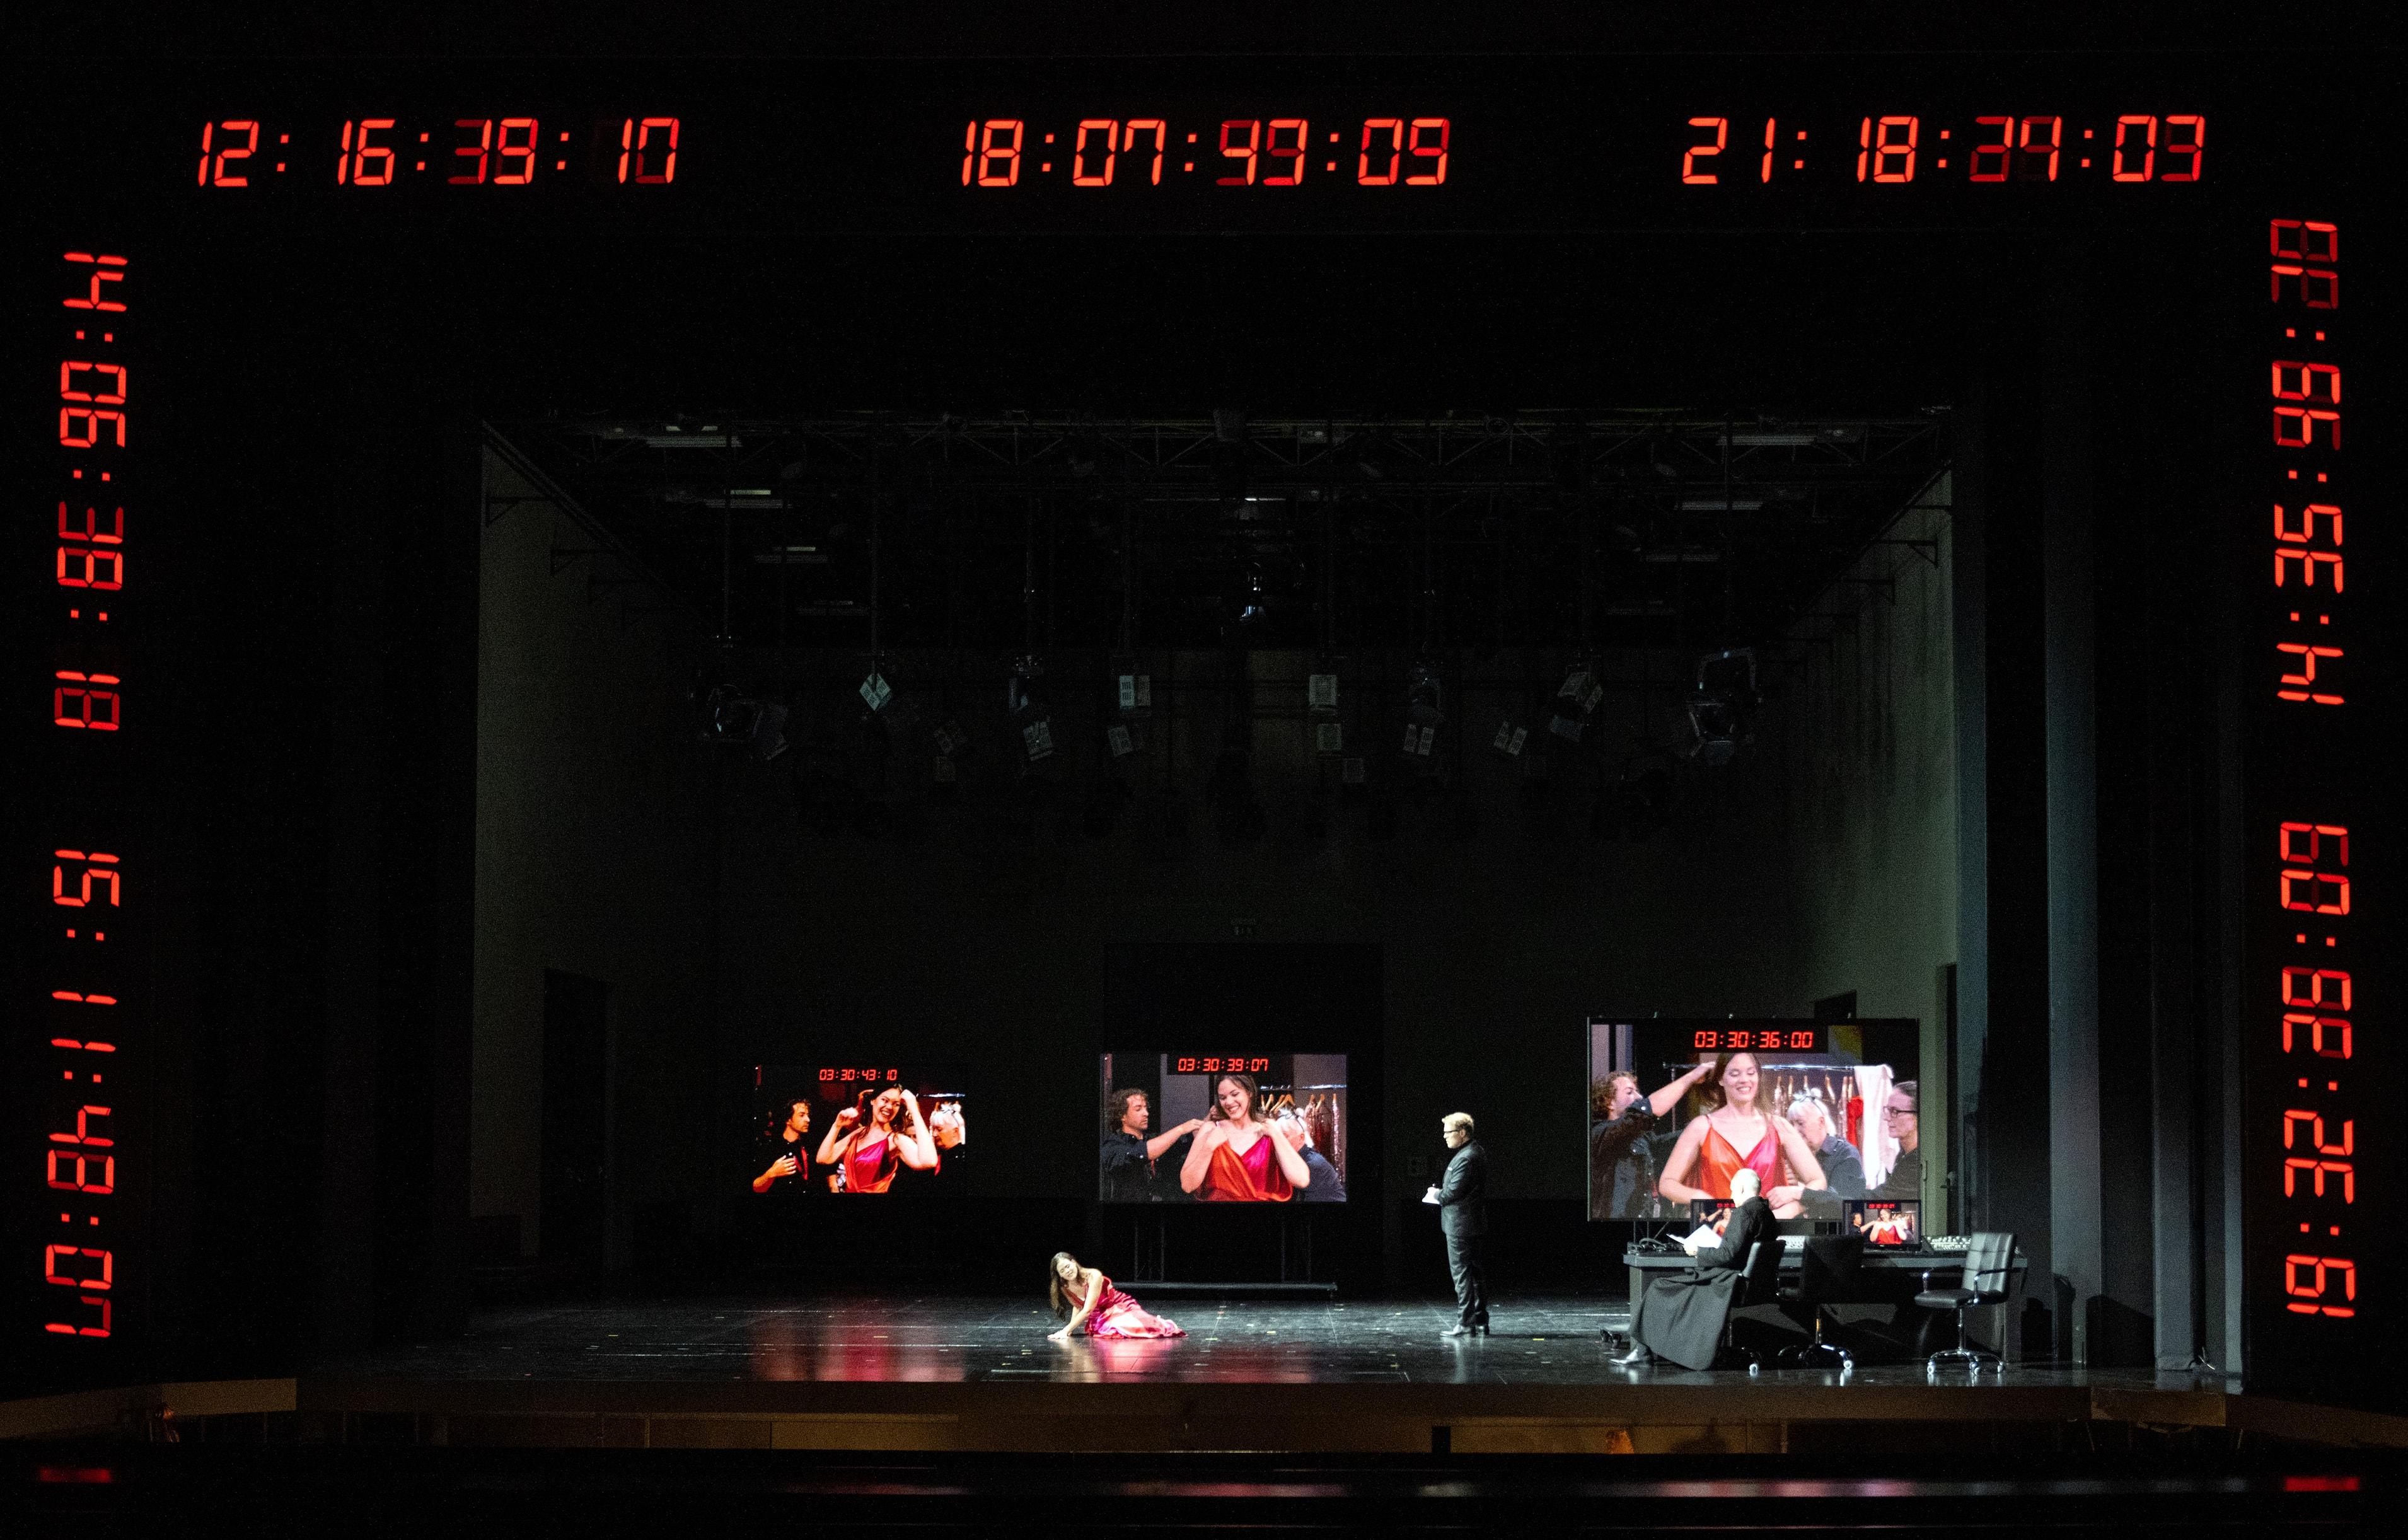 Il trionfo del Tempo e del Disinganno 2021: Regula Mühlemann (Bellezza), Lawrence Zazzo (Disinganno), Charles Workman (Tempo)